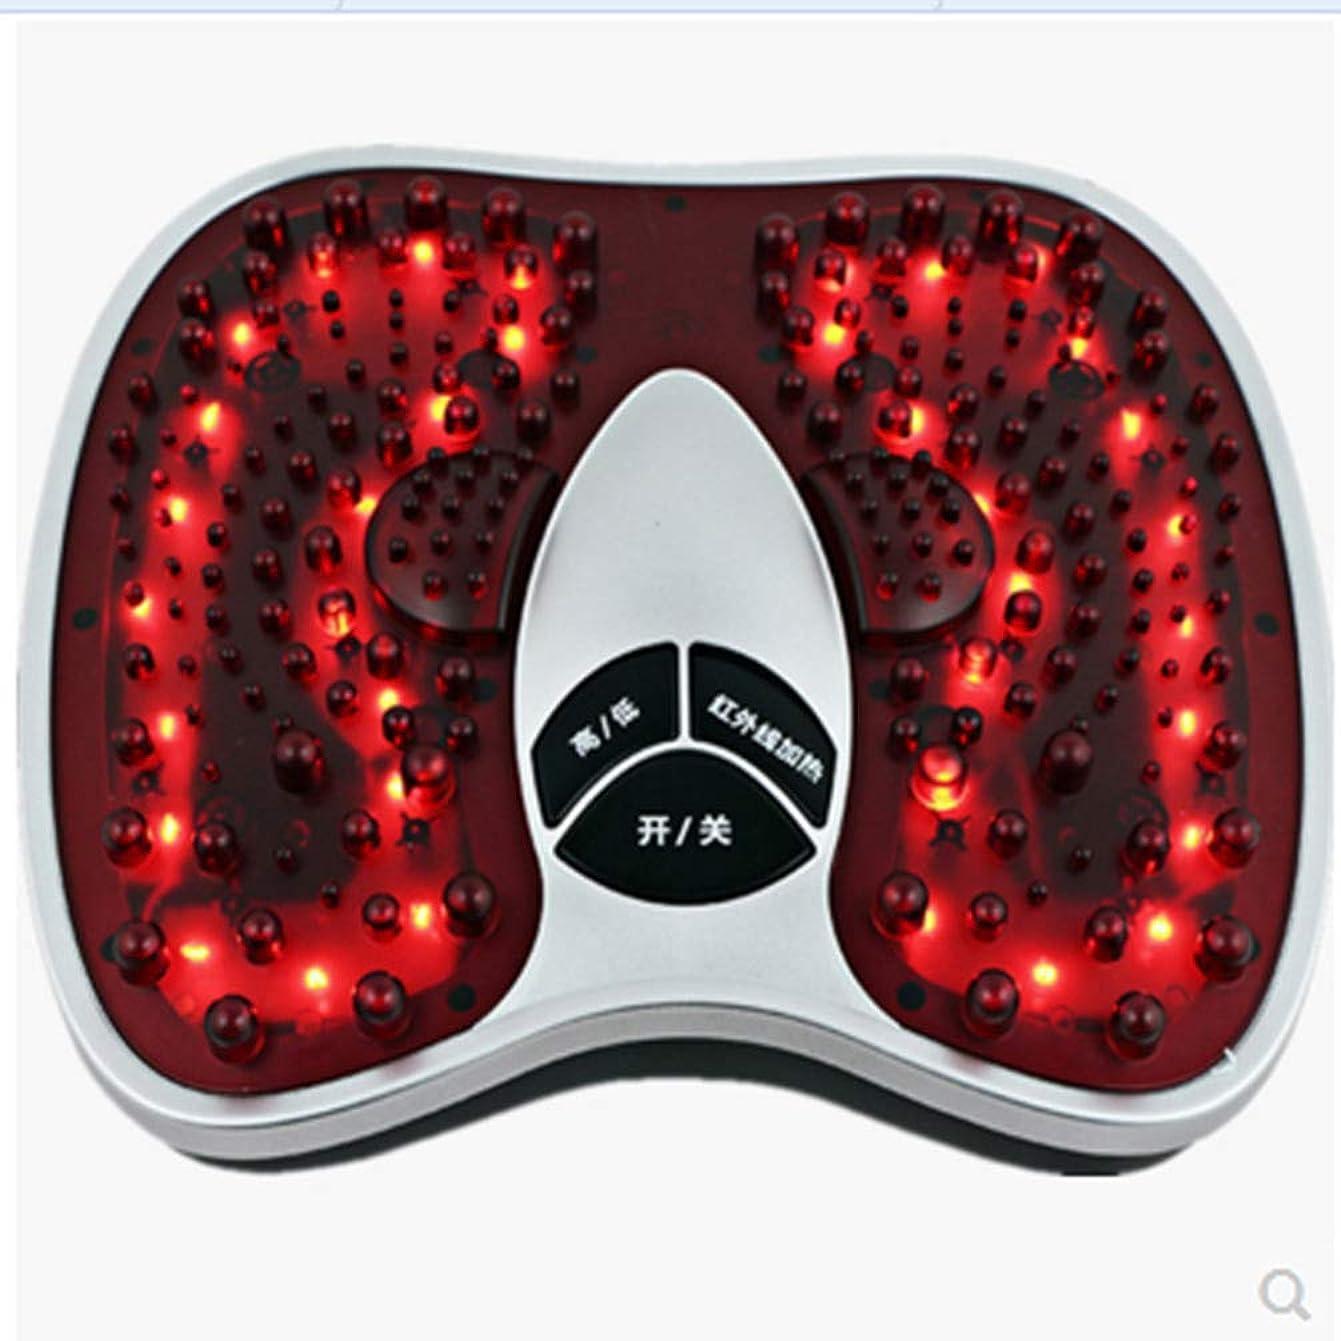 ハイキング郊外真似る調整可能 フットマッサージ(熱を含む)、フルマッサージを体験する202マッサージヘッド、硬い筋肉を柔らかくする、循環を改善する、痛みを軽減する治療 リラックス, red